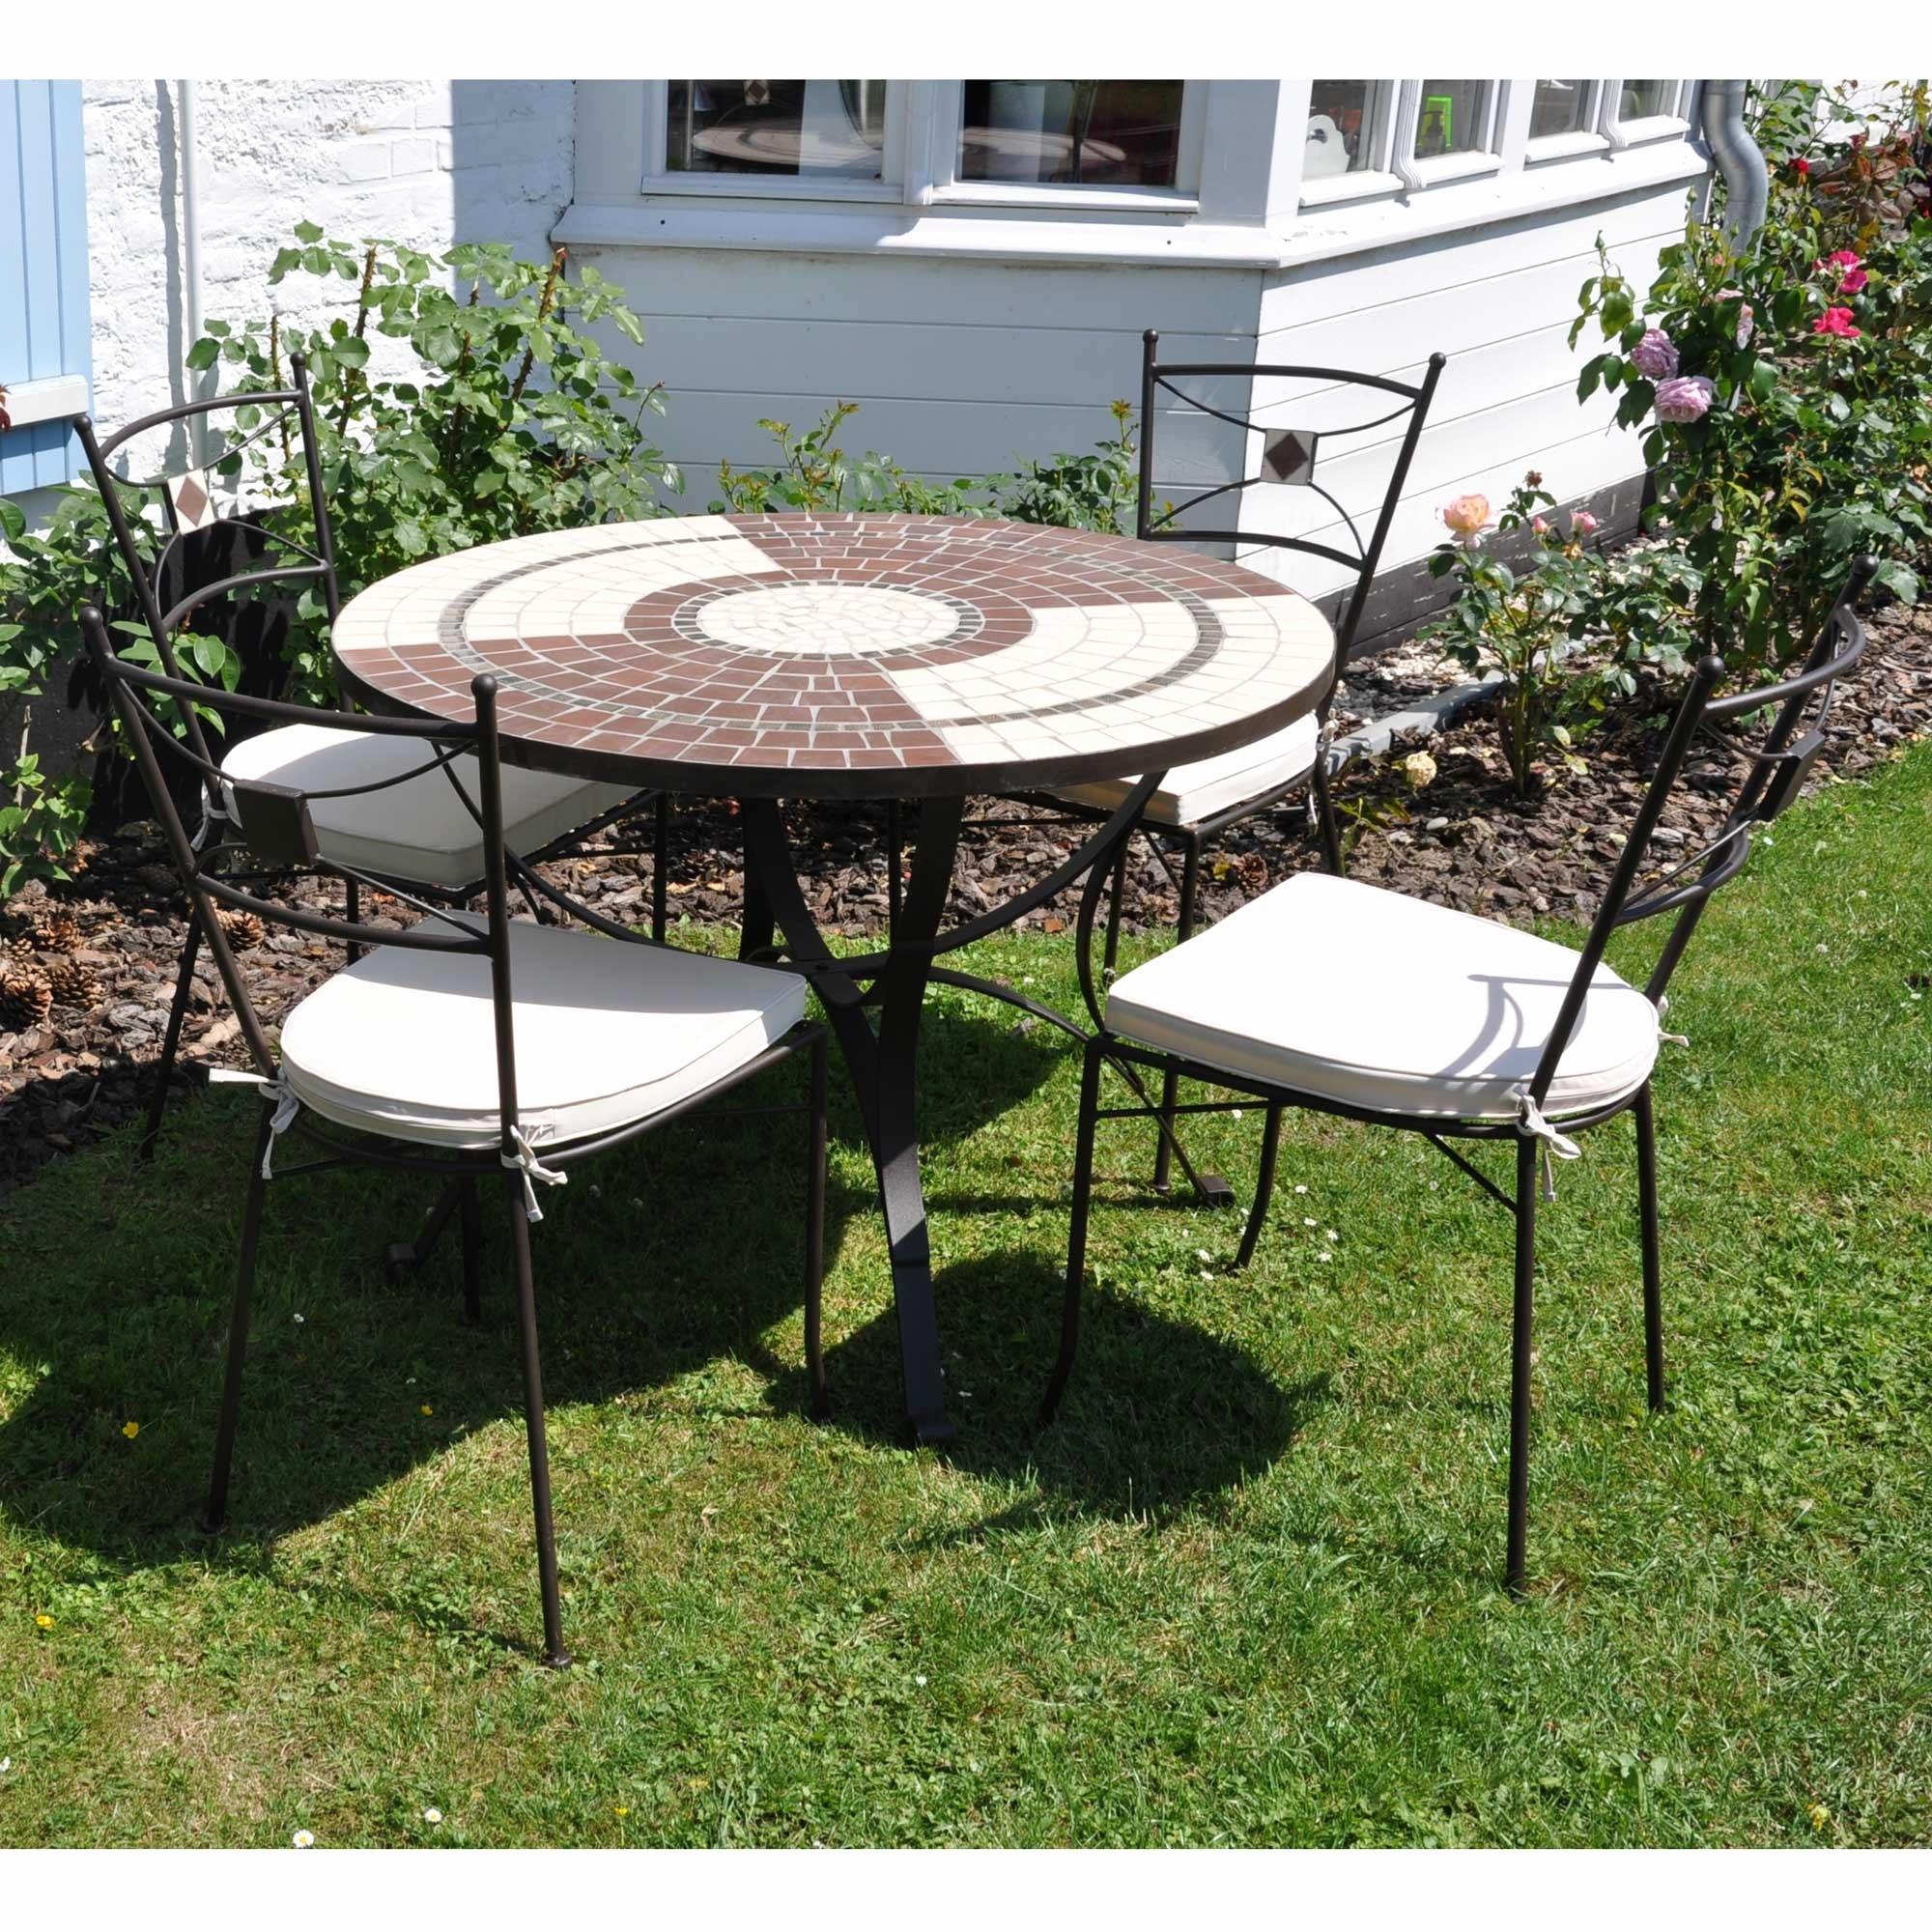 Tonnelle Pliable Gifi Beau Images Petite Table De Jardin Gifi élégant tonnelle Pliante Gifi Avec